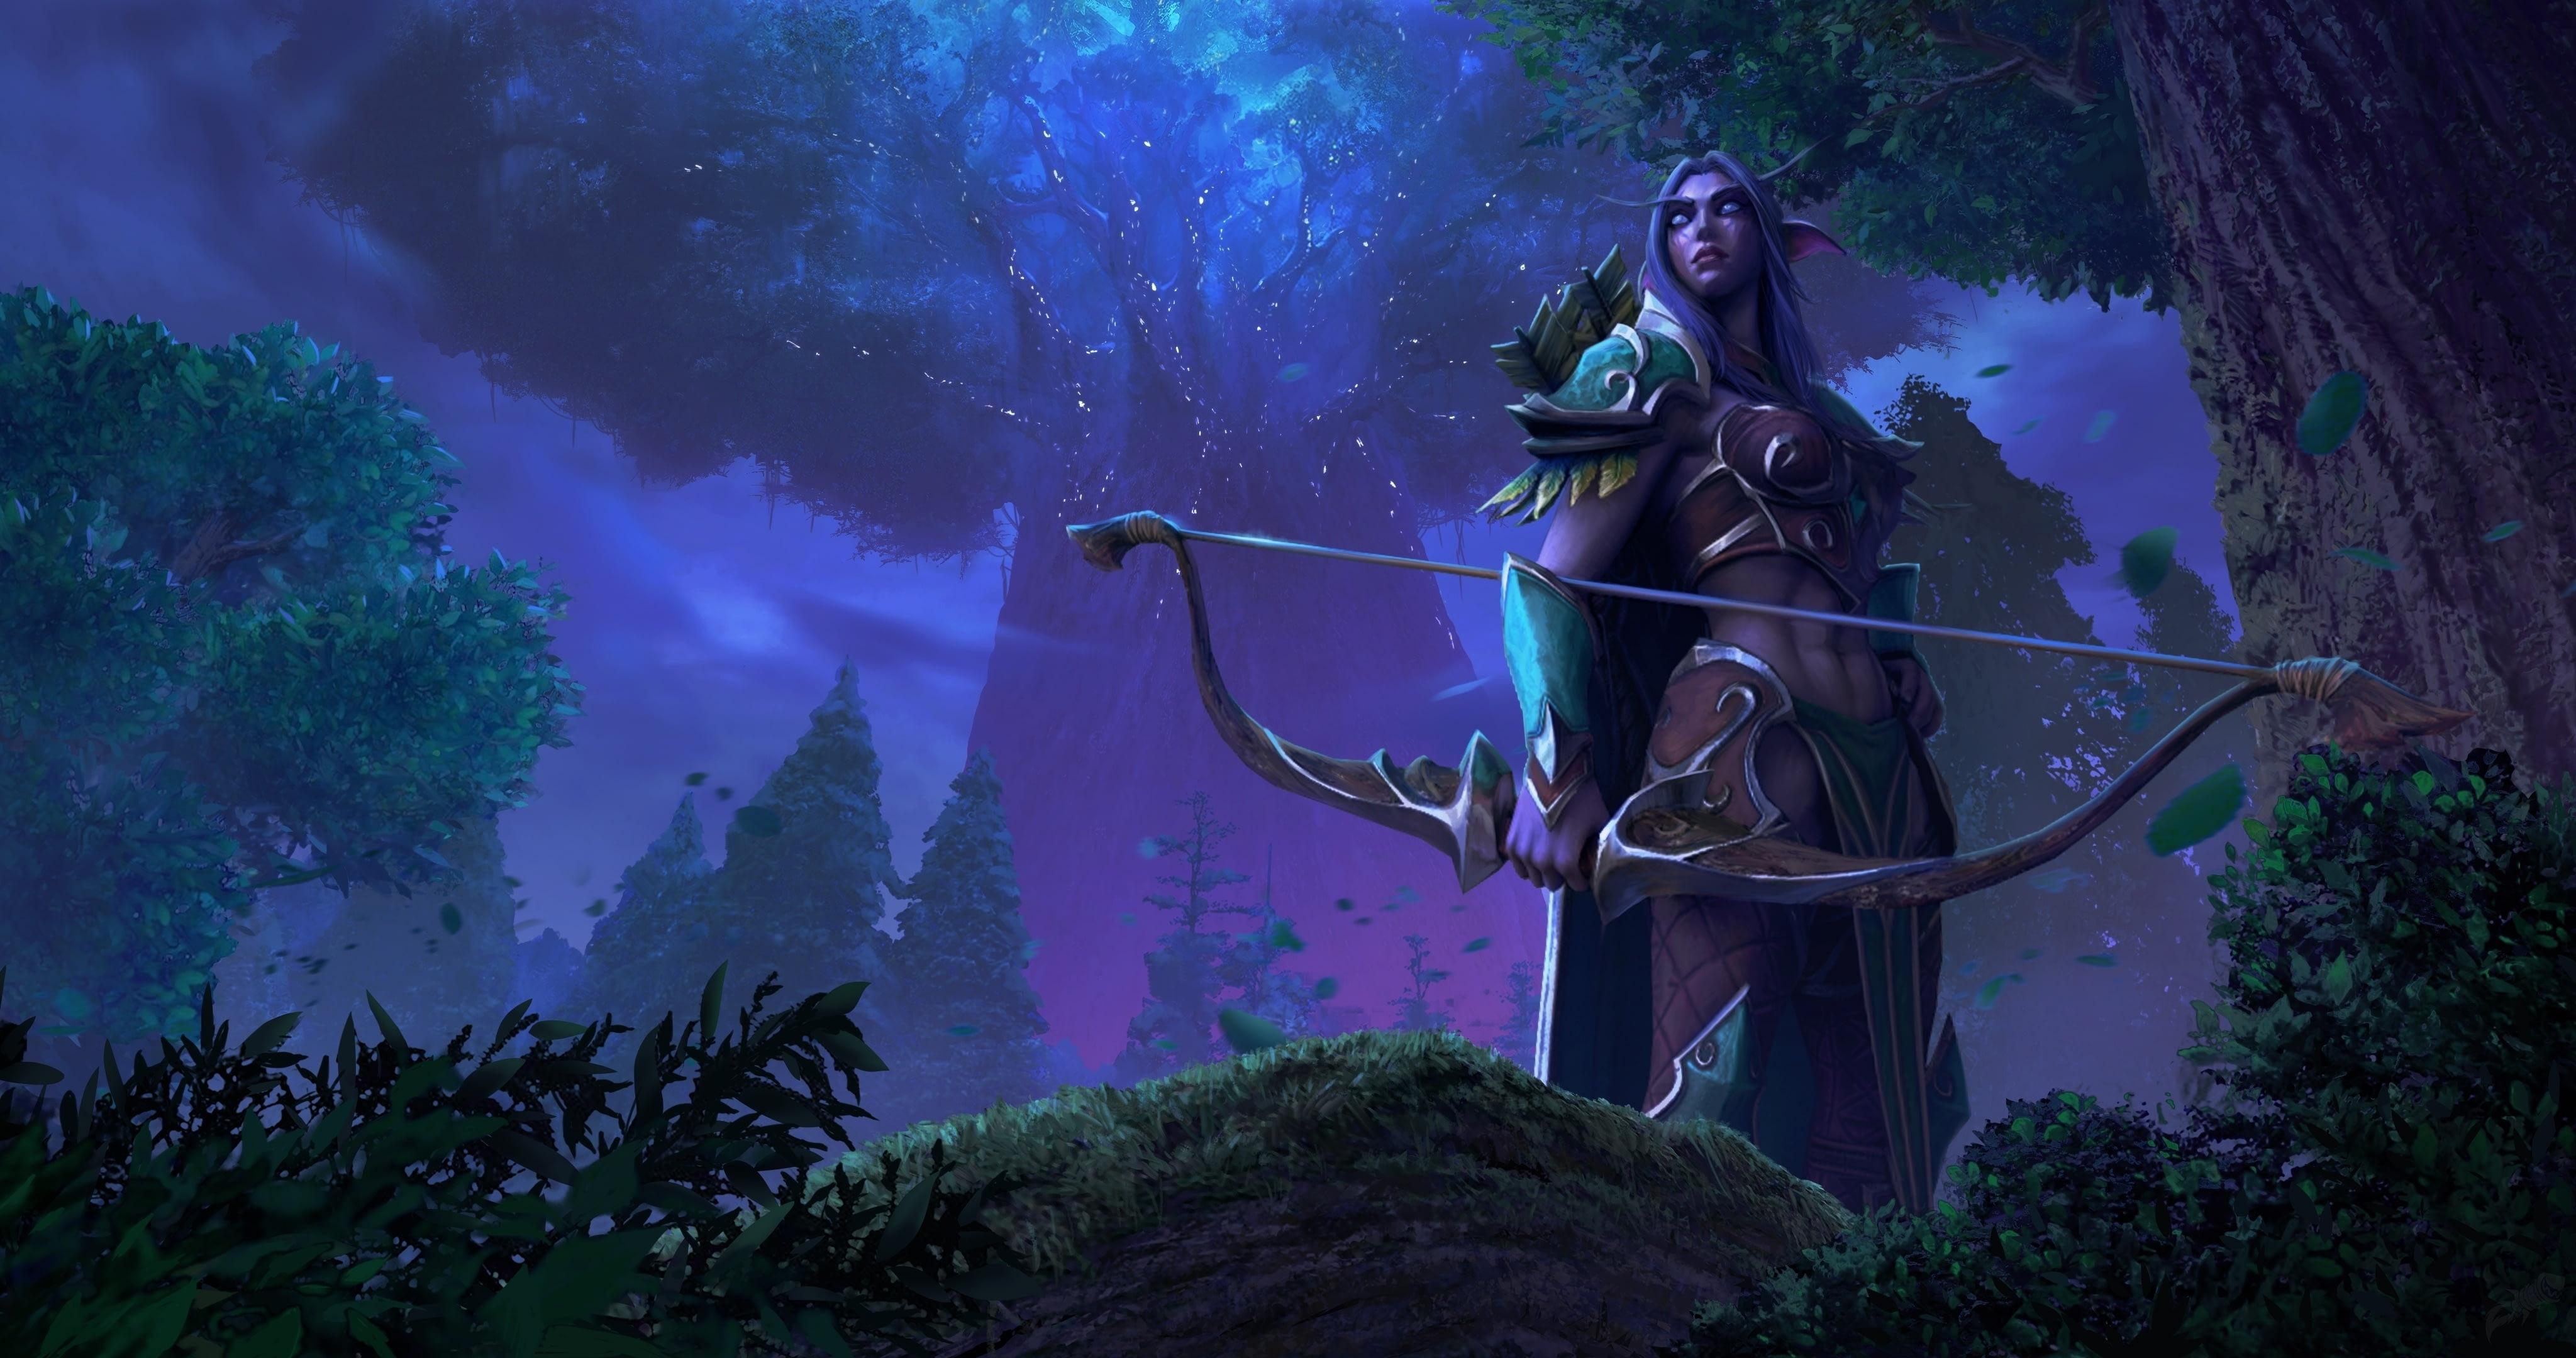 Утечка: обои, меню, интерфейс и иконки Warcraft III: Reforged 2